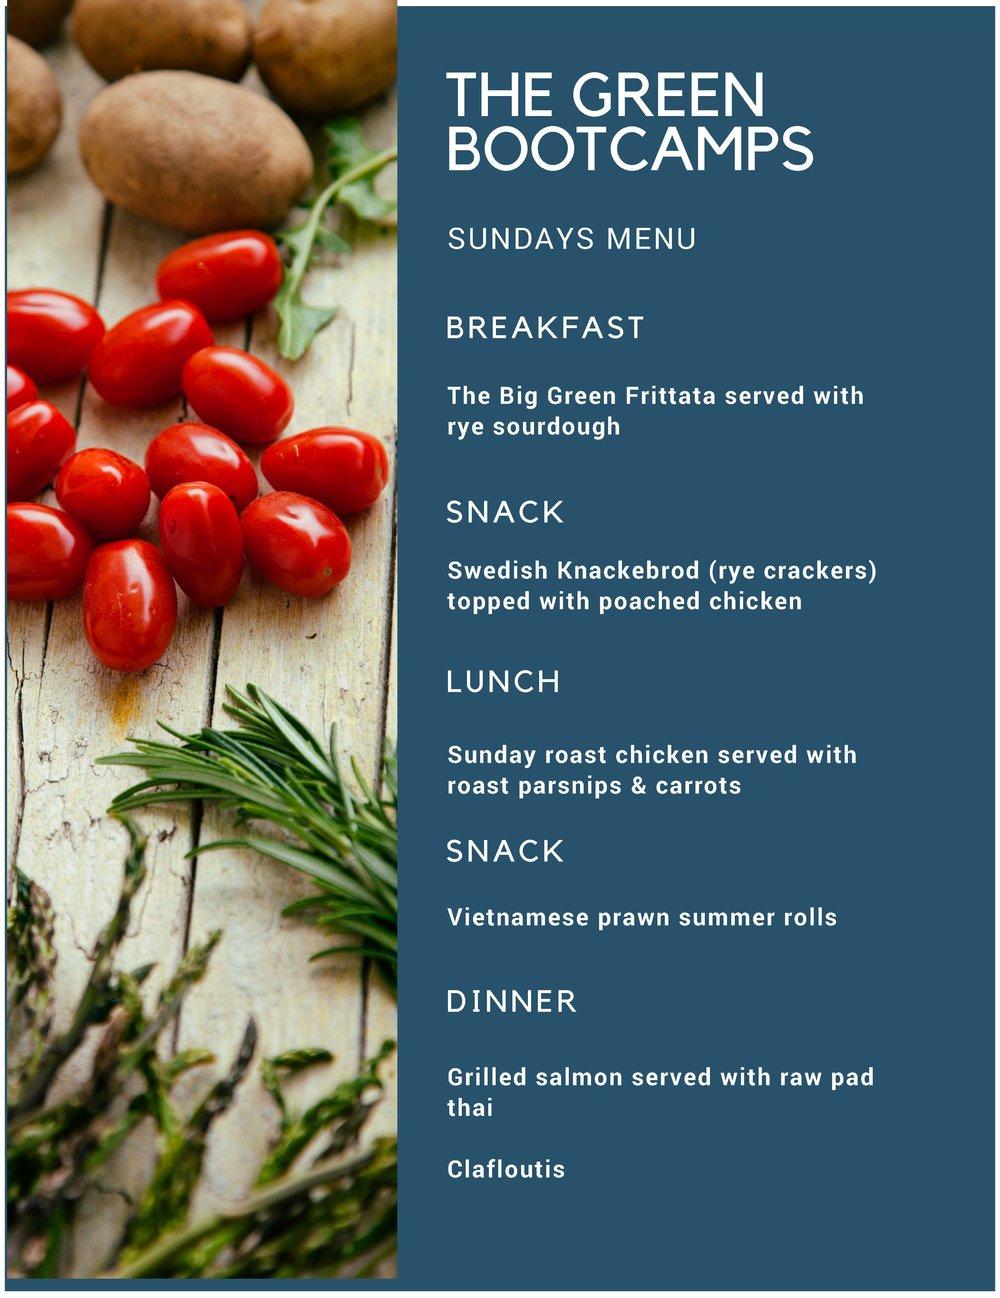 LD BC Sundays menu.jpg